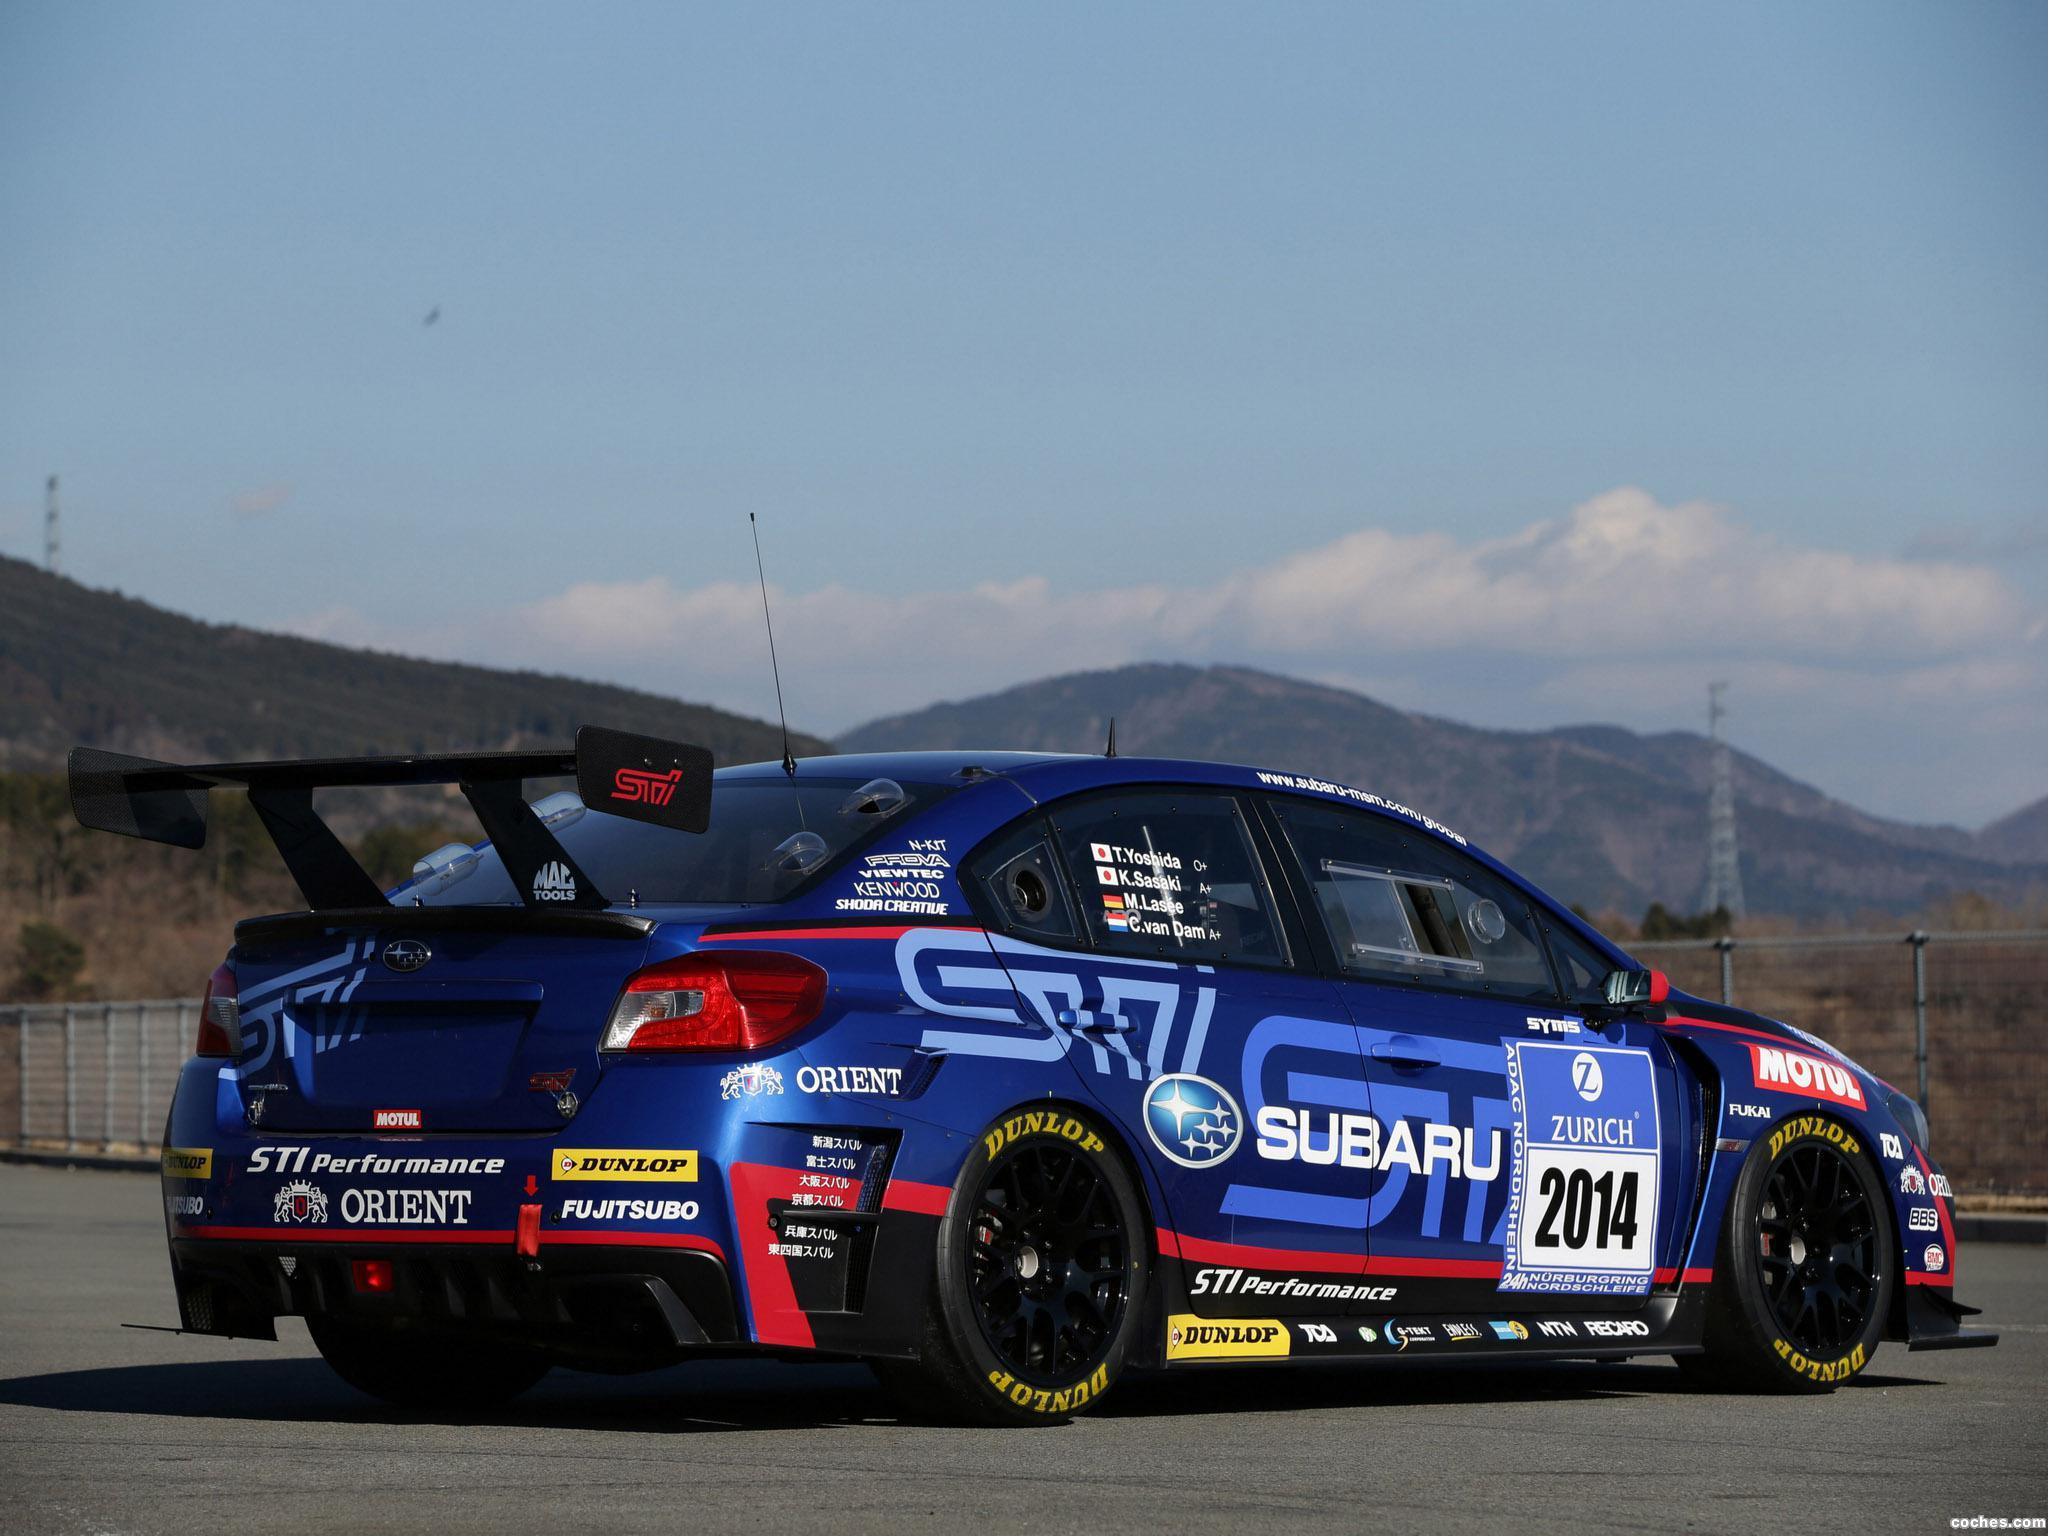 Foto 16 de Subaru WRX STI Race Car 2014